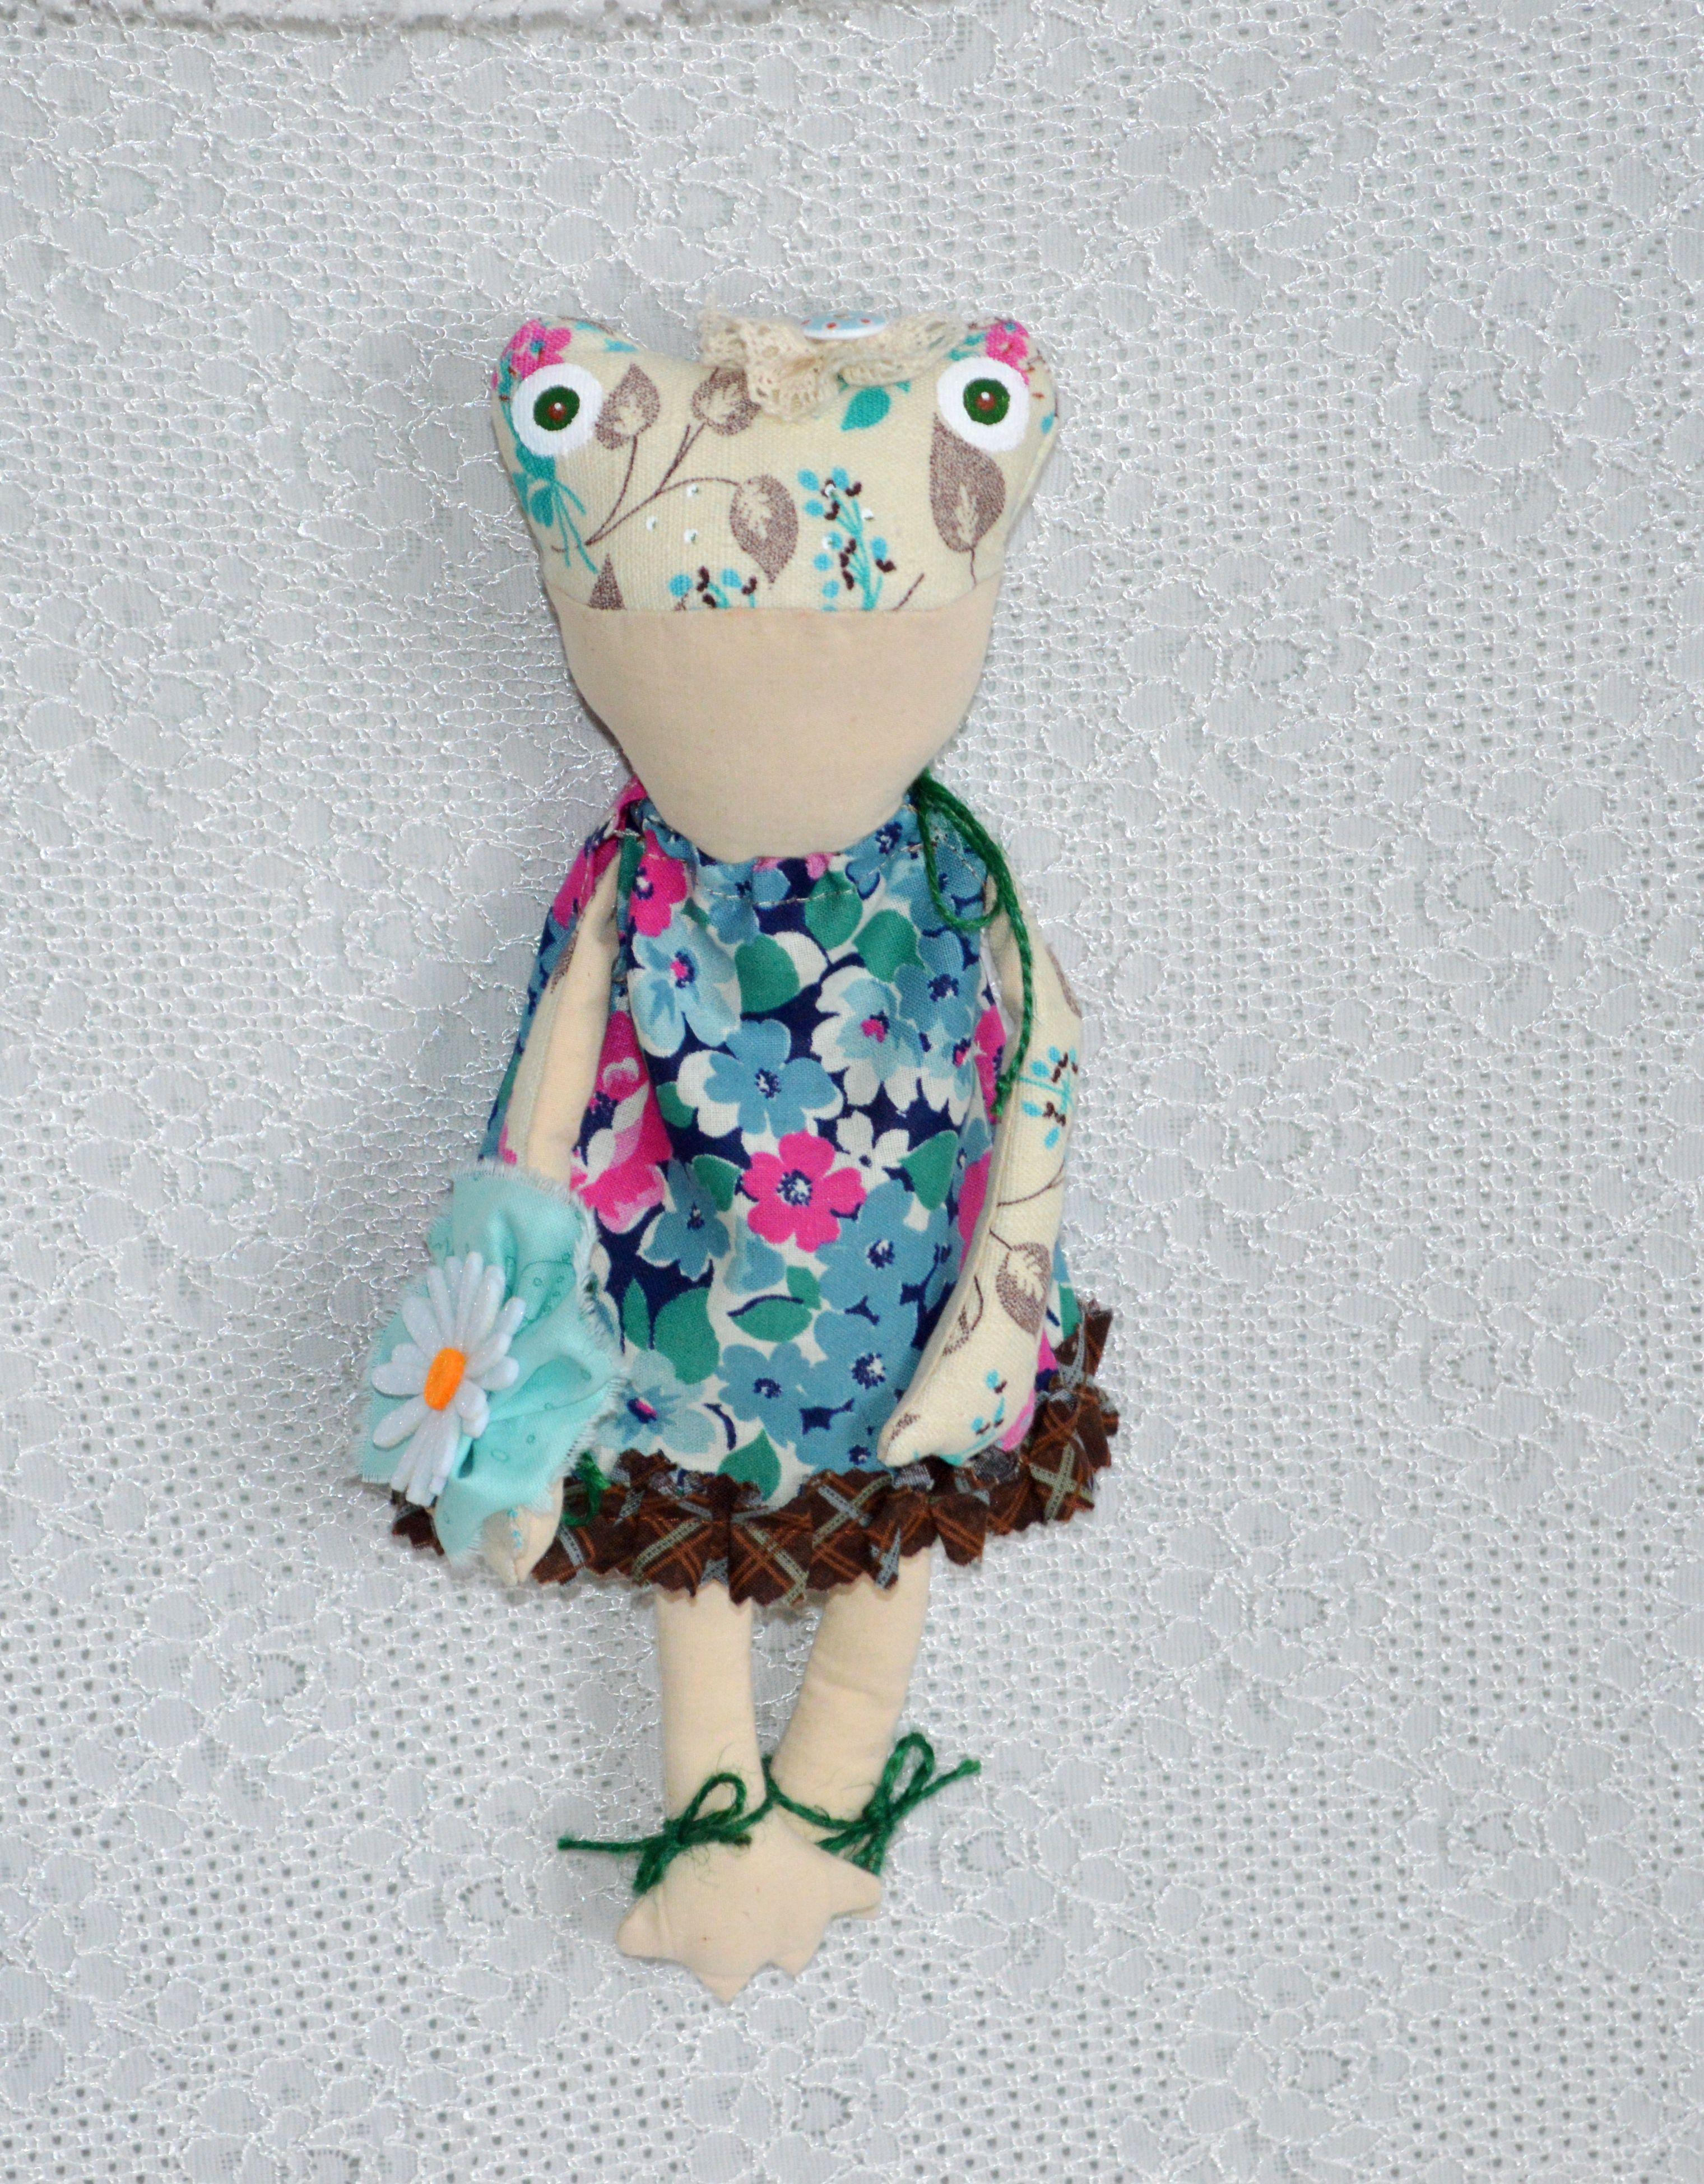 подарок кукла настроение весеннее коллекция лягушка